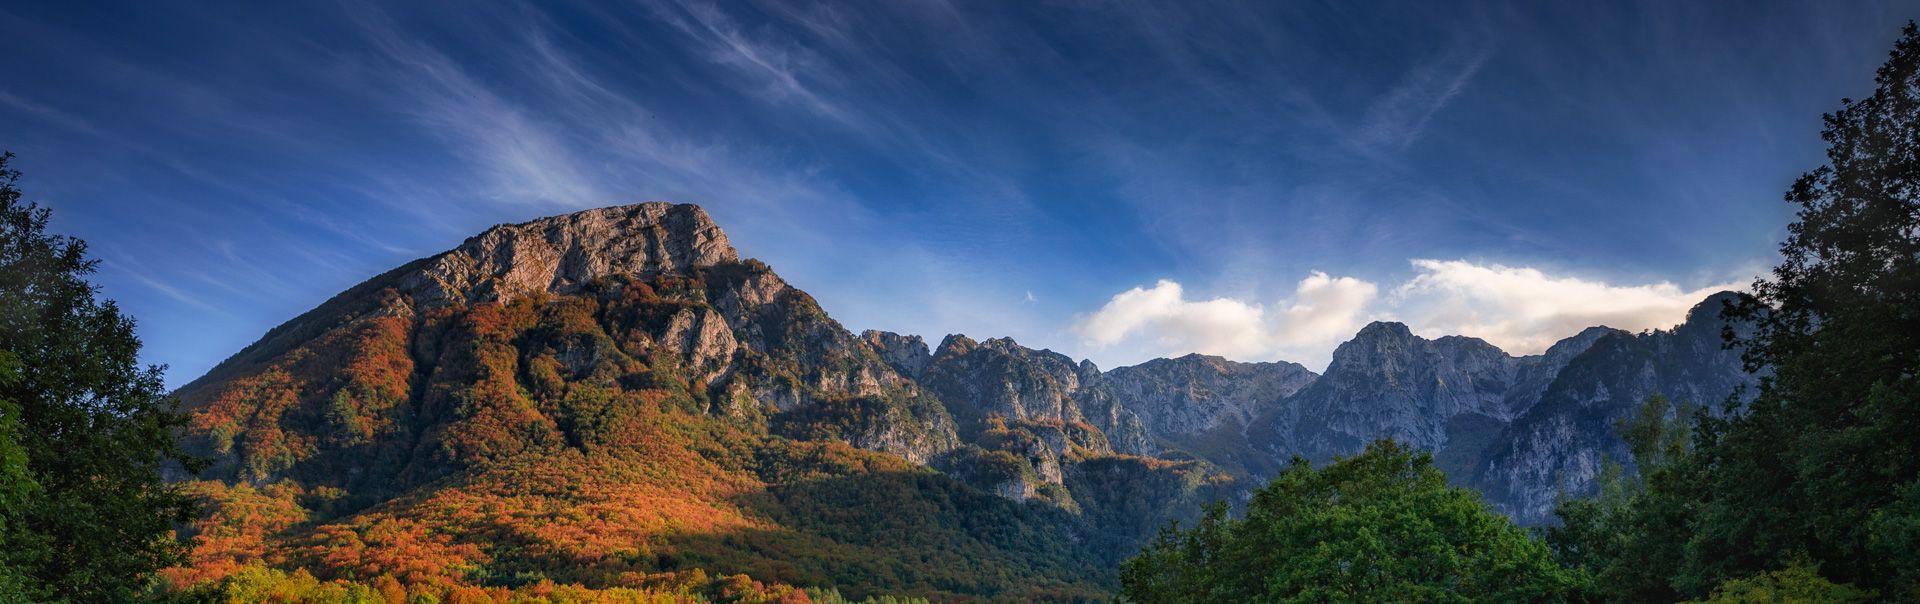 Faggete di Val Fondillo, Coppo del Principe, Moricento, Val Cervara, Coppo del Morto